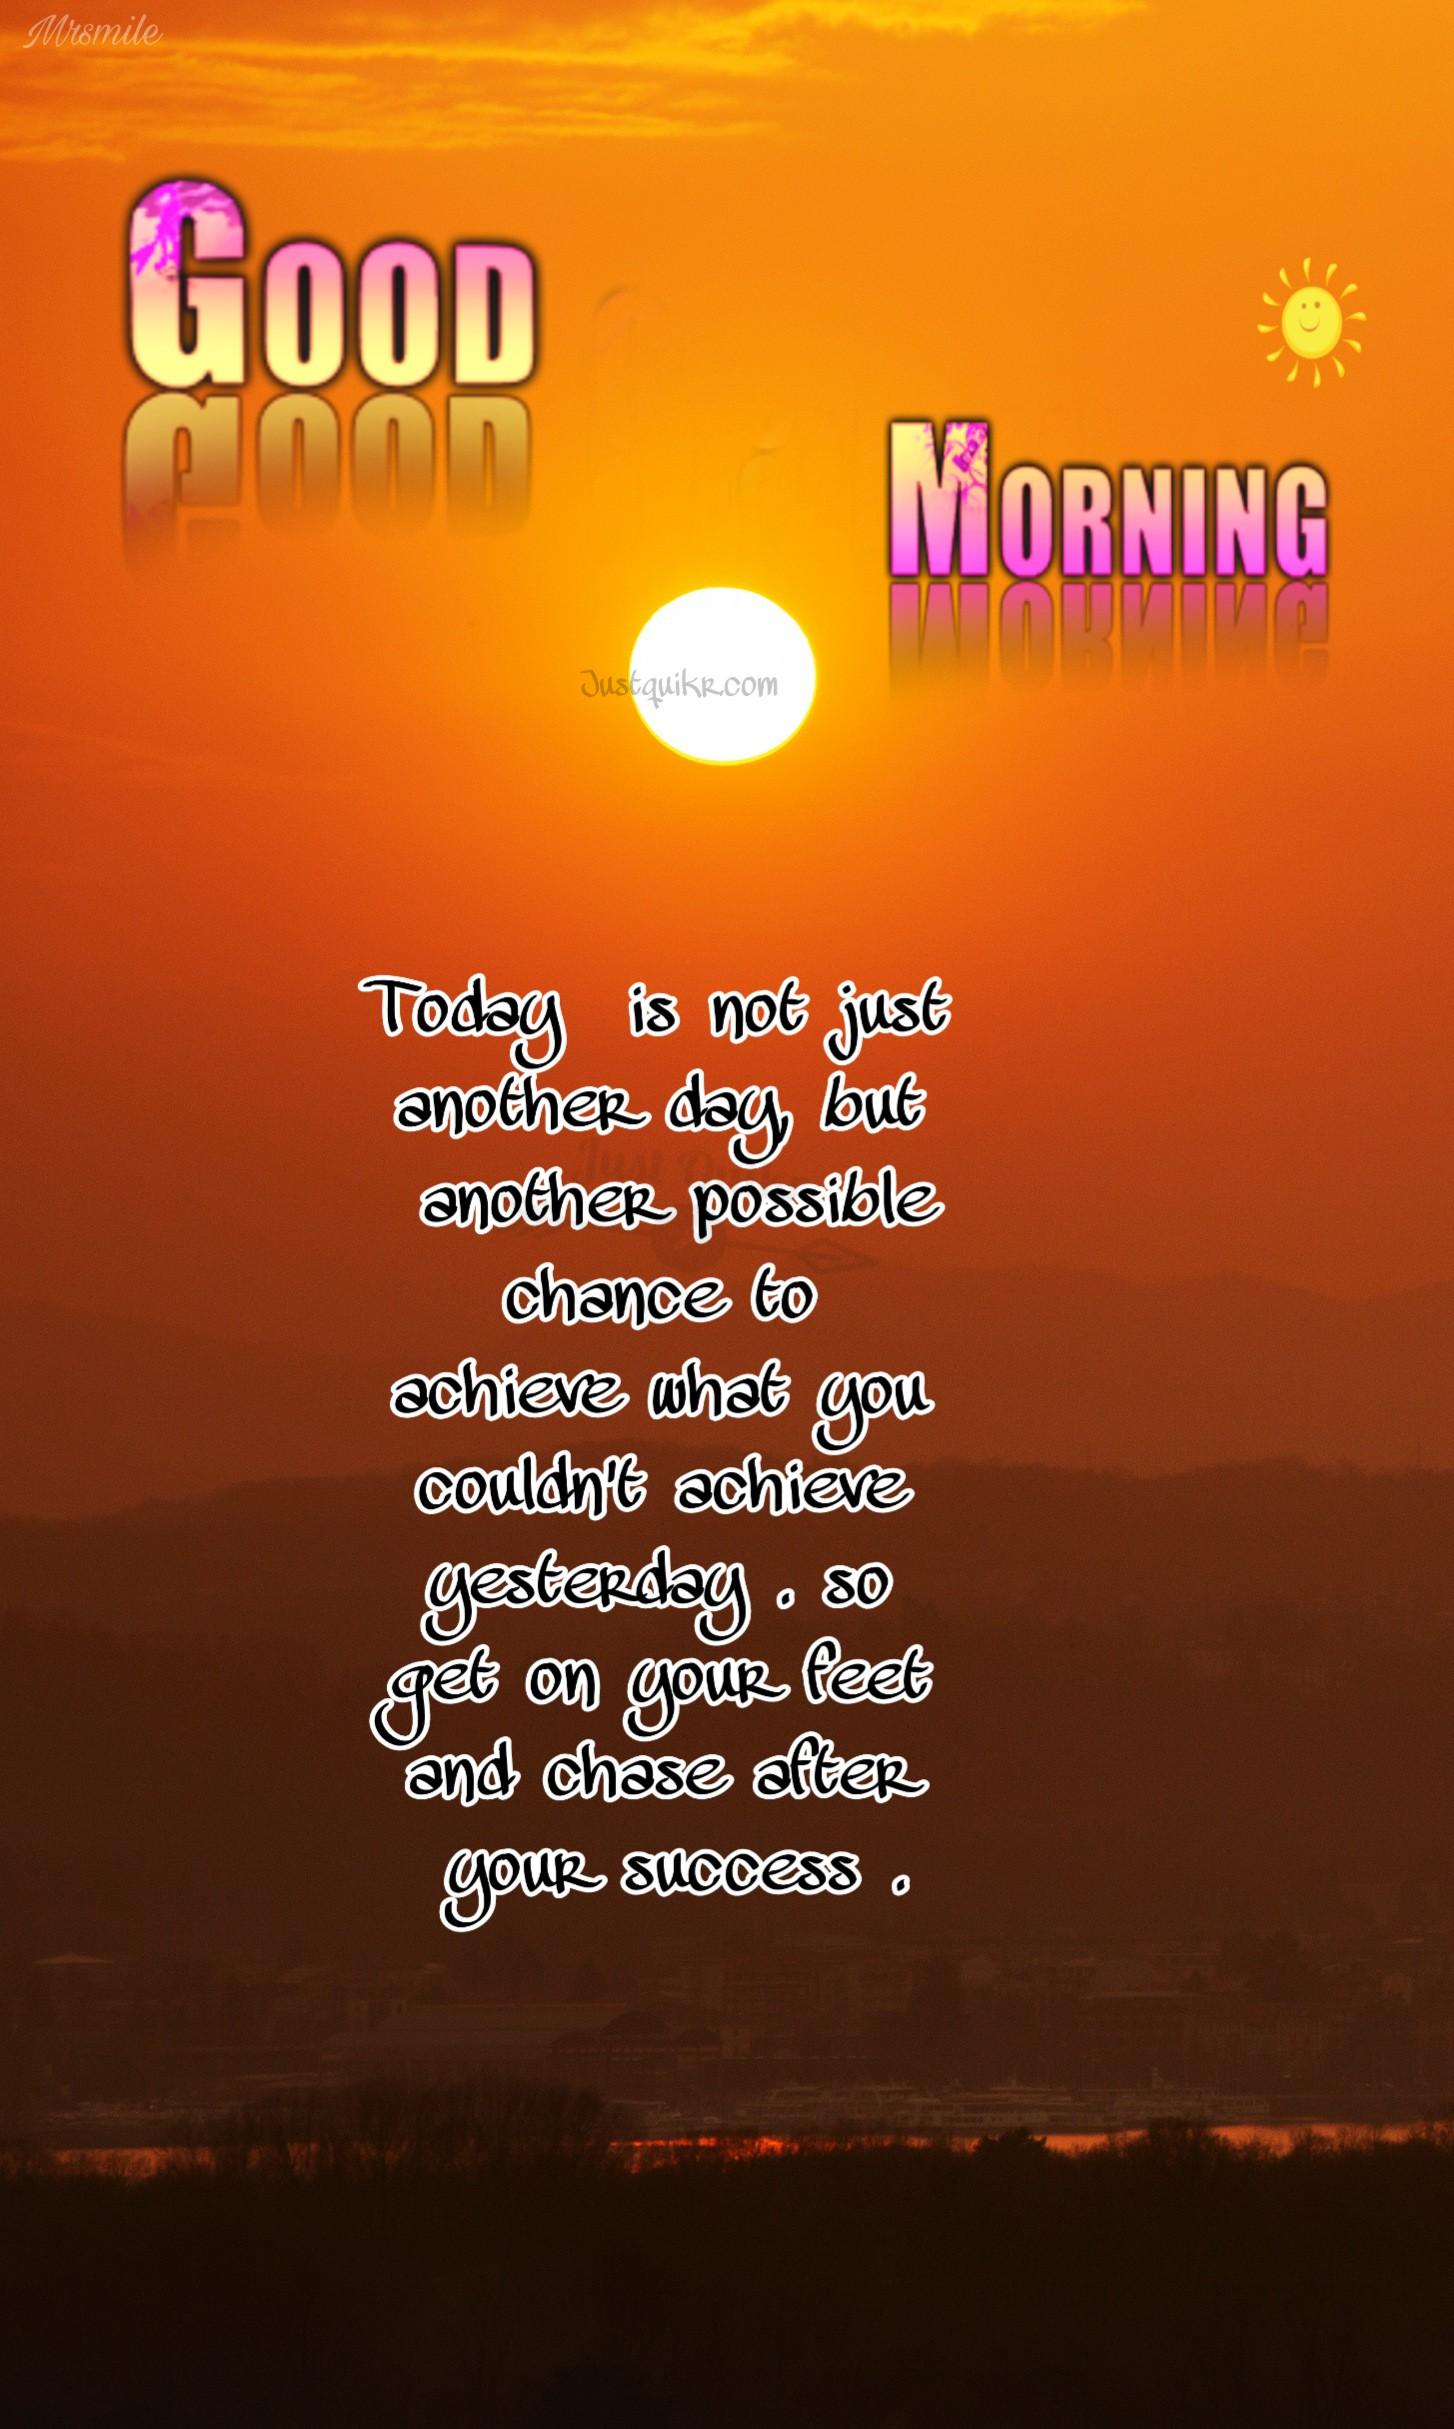 GoodMorning Zindgi Quotes